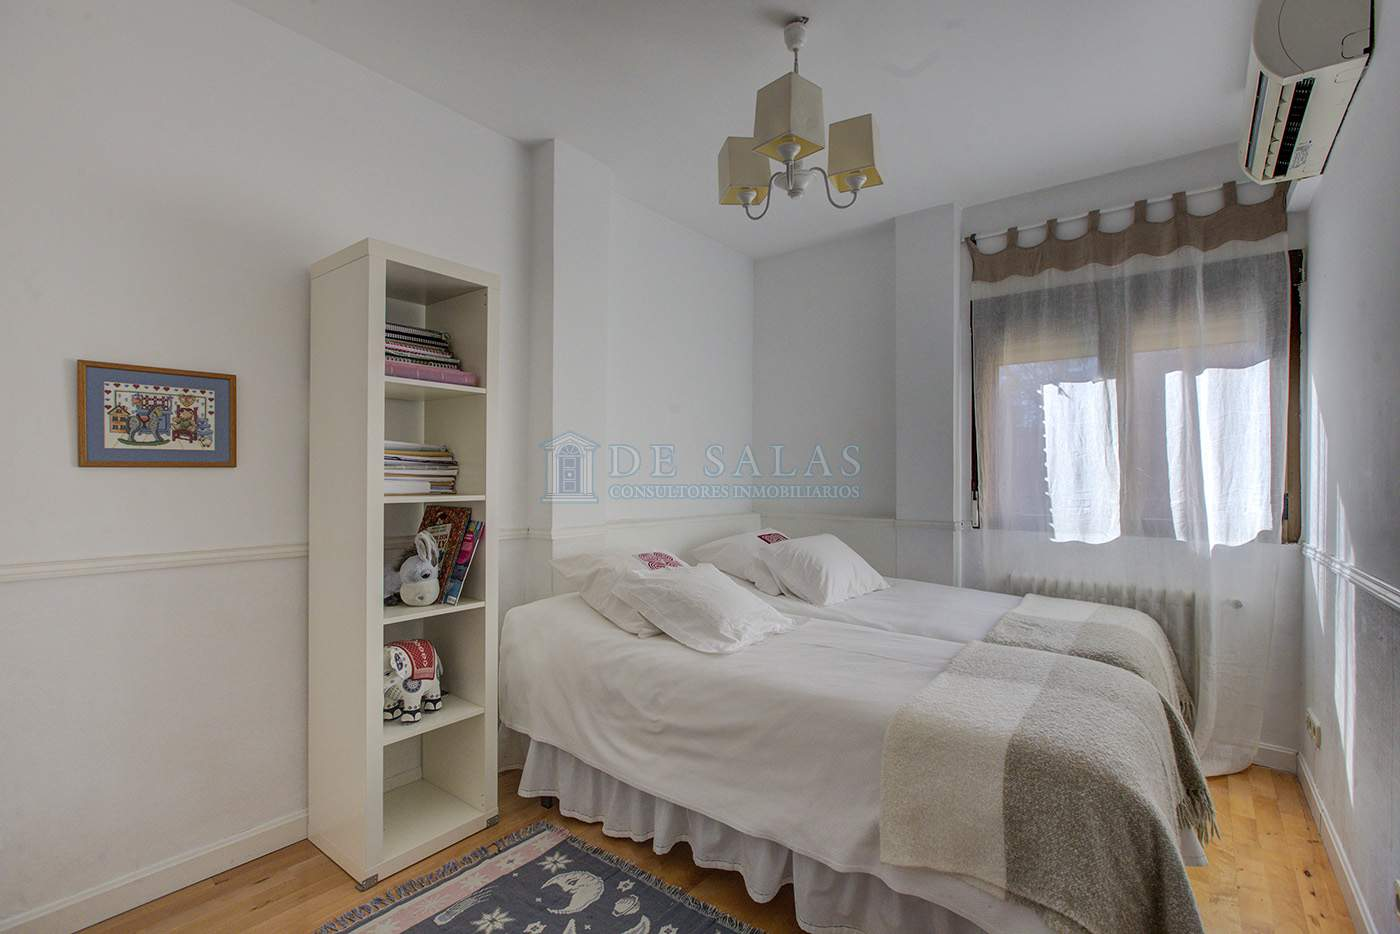 Dormitorio-IMG_9855_6_7 copia